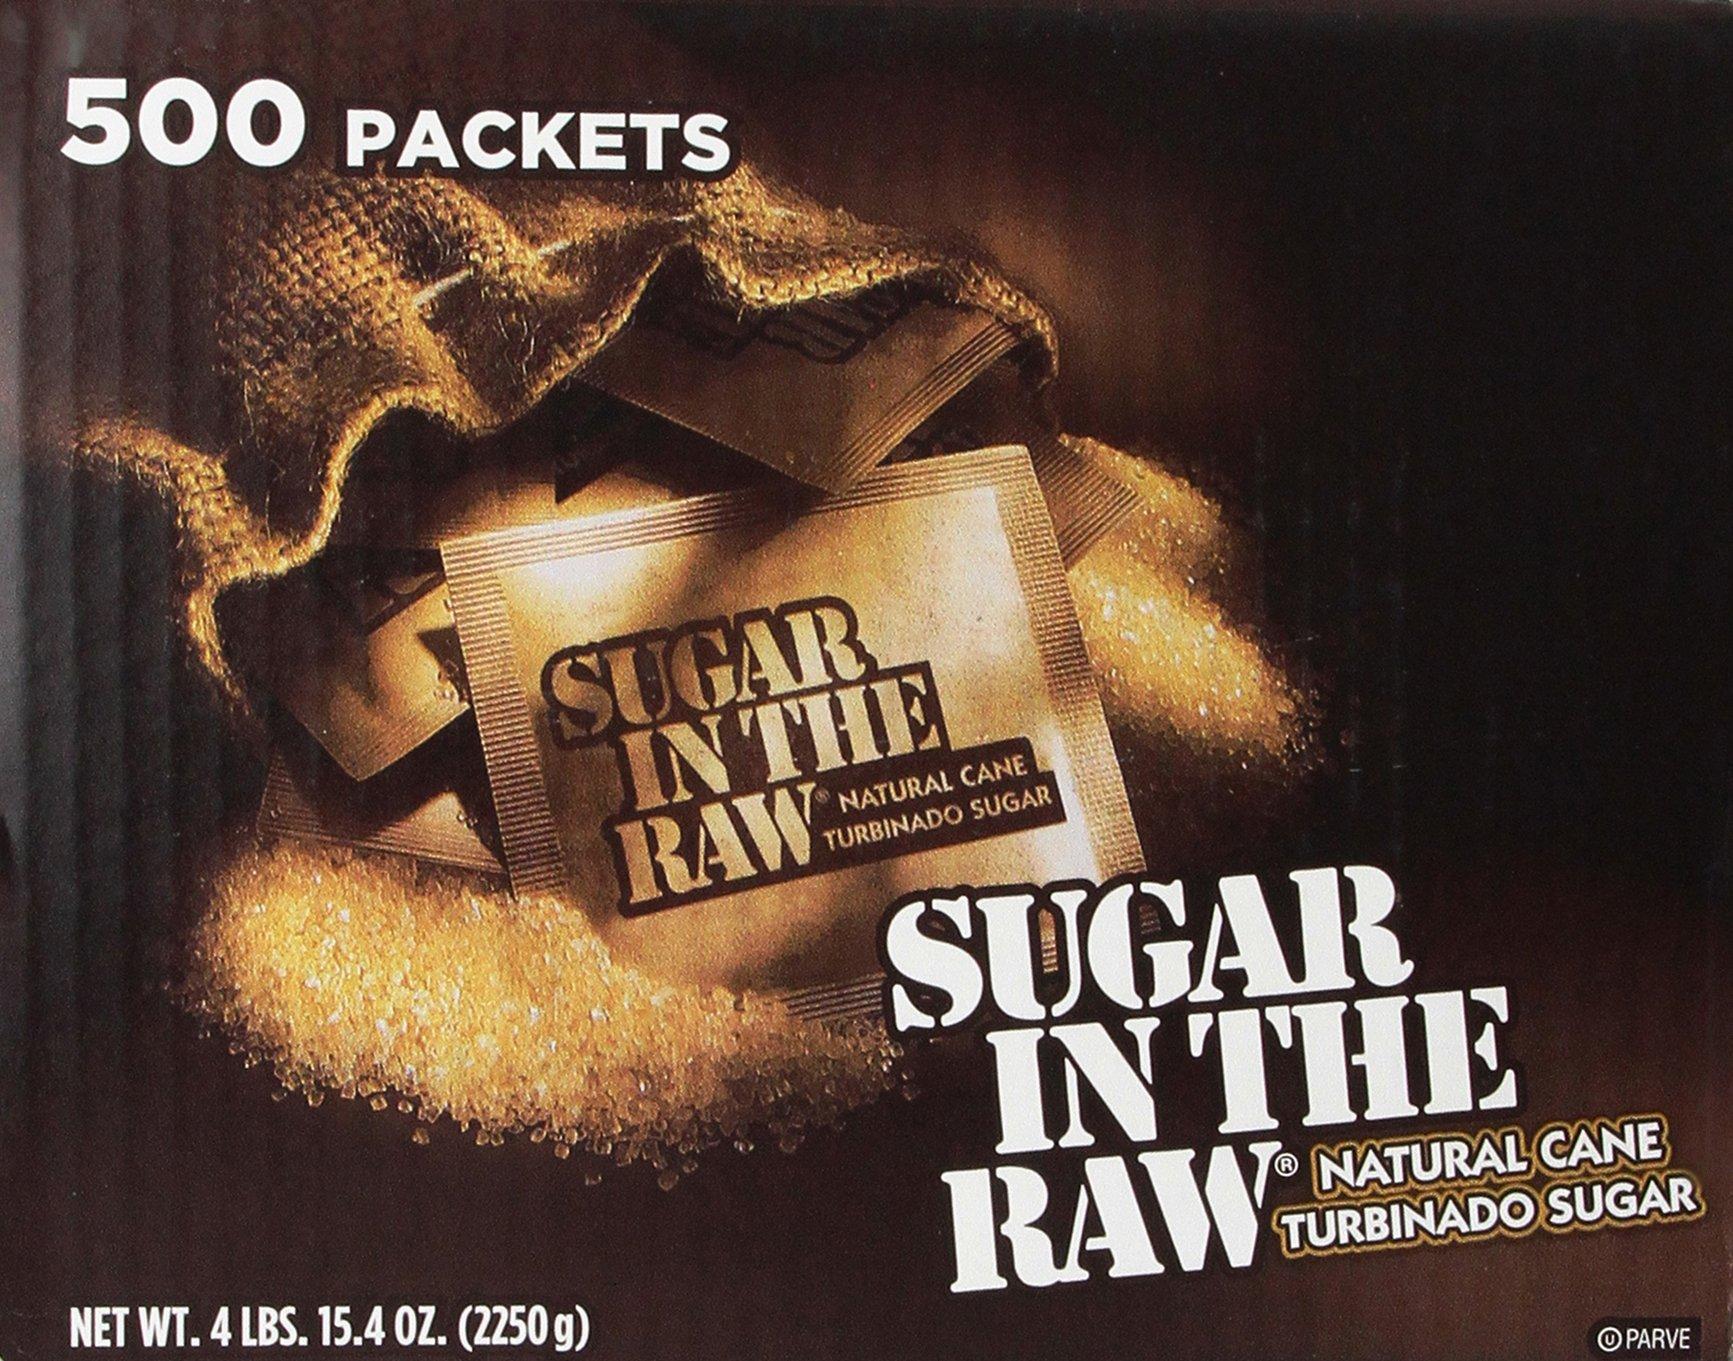 Sugar in the Raw / Raw Sugar Natural Cane Turbinado from Hawaii / Box of 500 packets